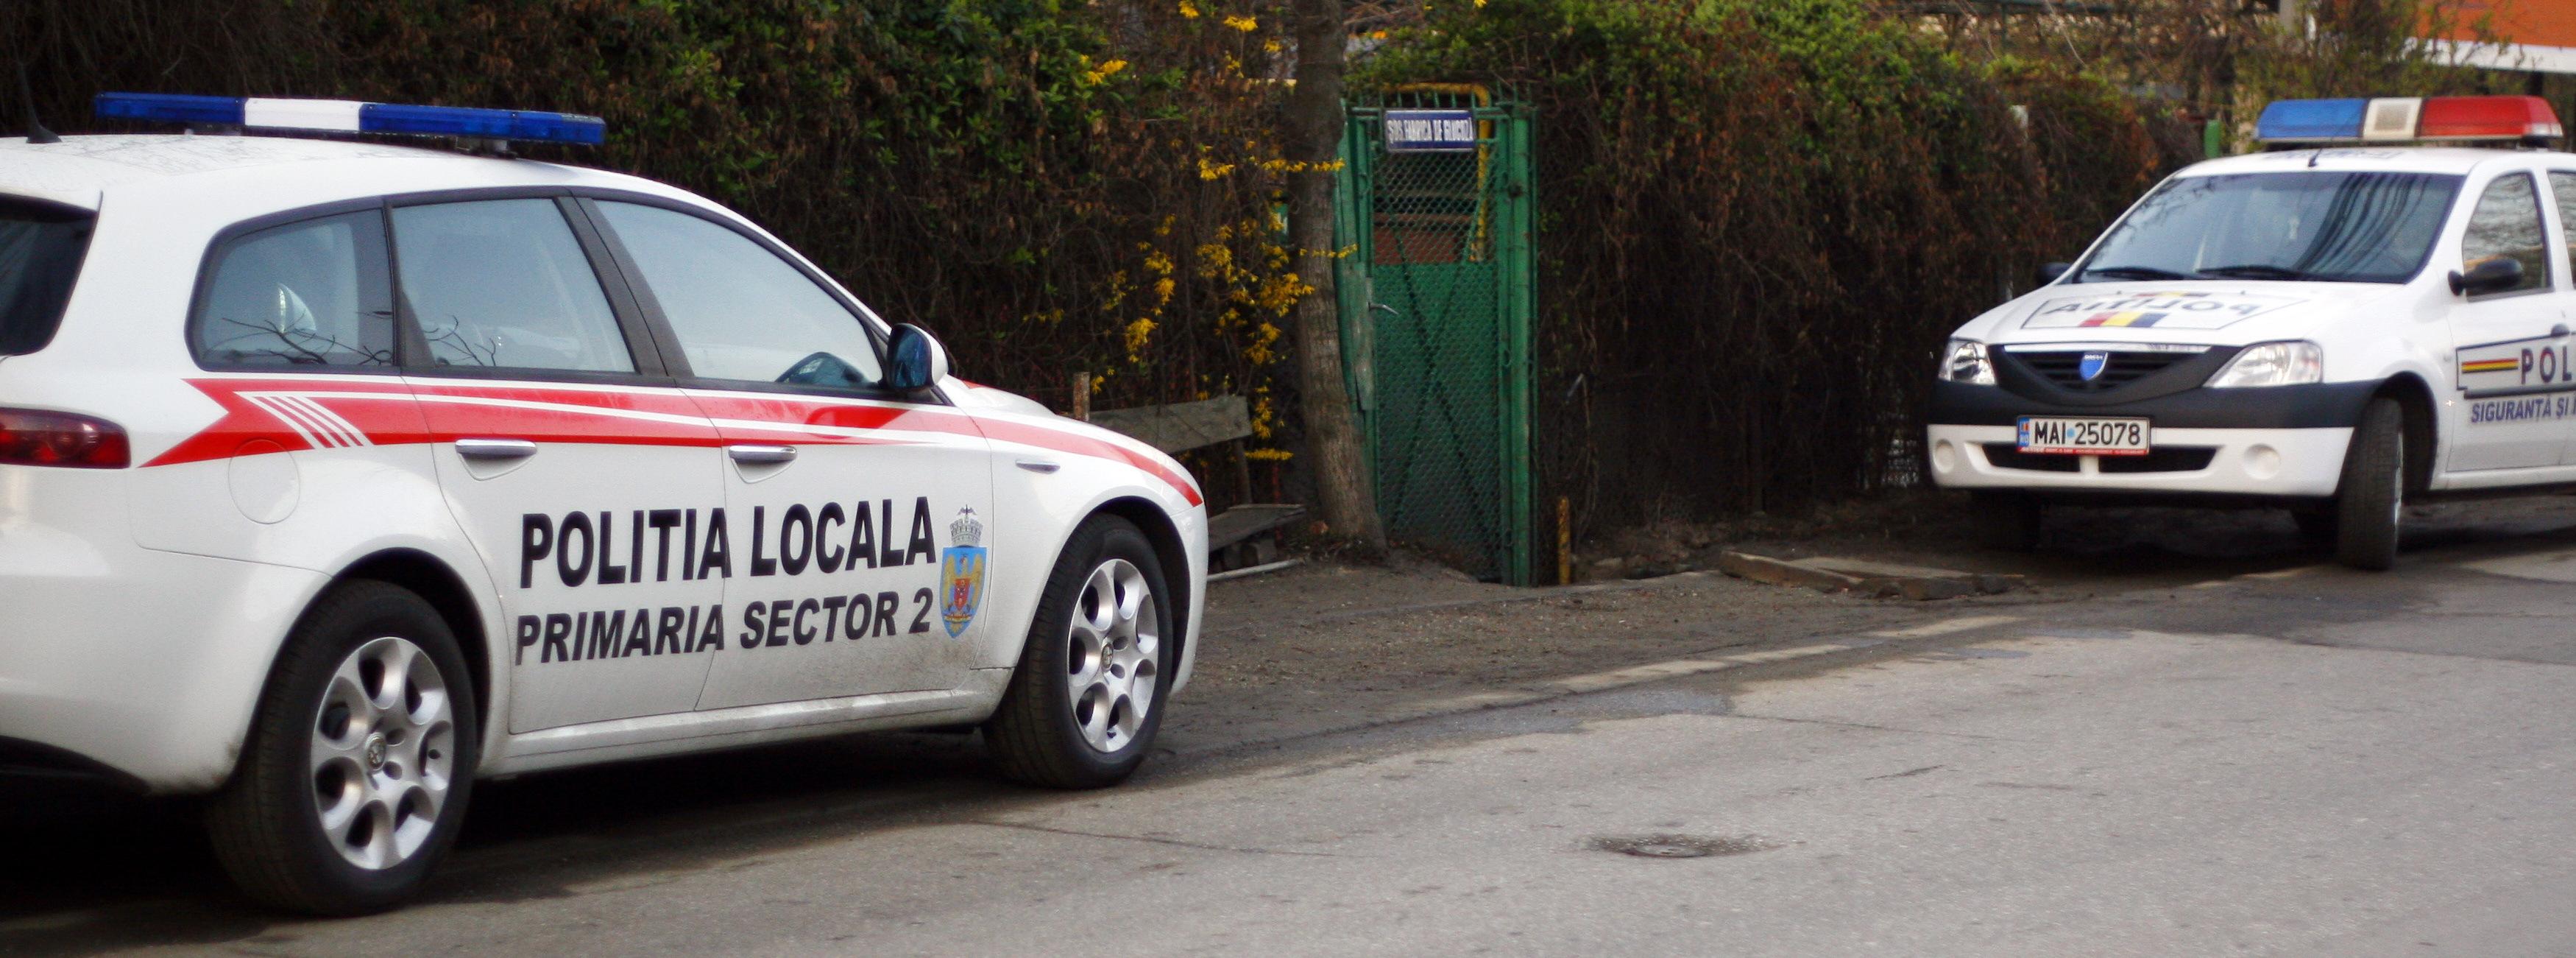 Fosta conducere a Poliţiei Locale Bucureşti, judecată pentru externalizarea ilegală a serviciilor